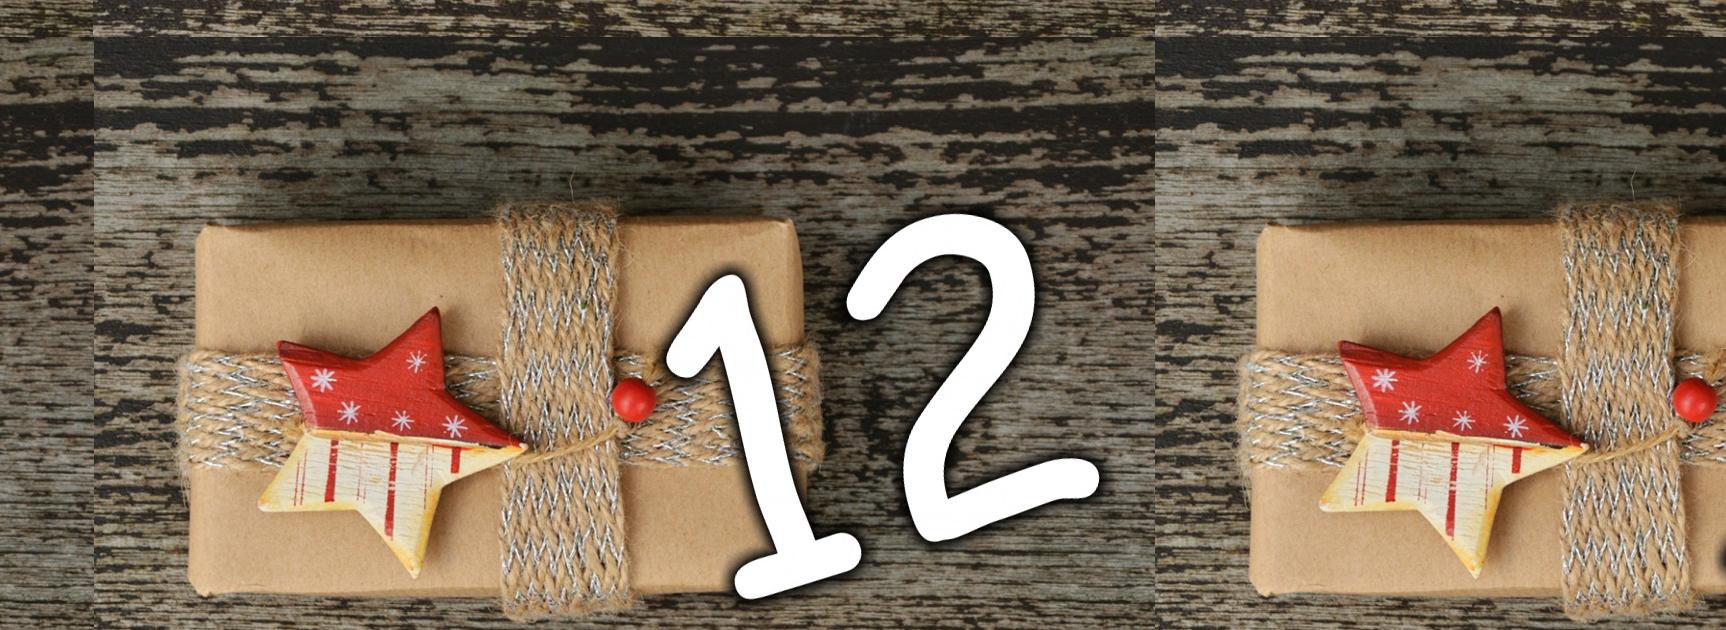 buchgeschenk-advent-12